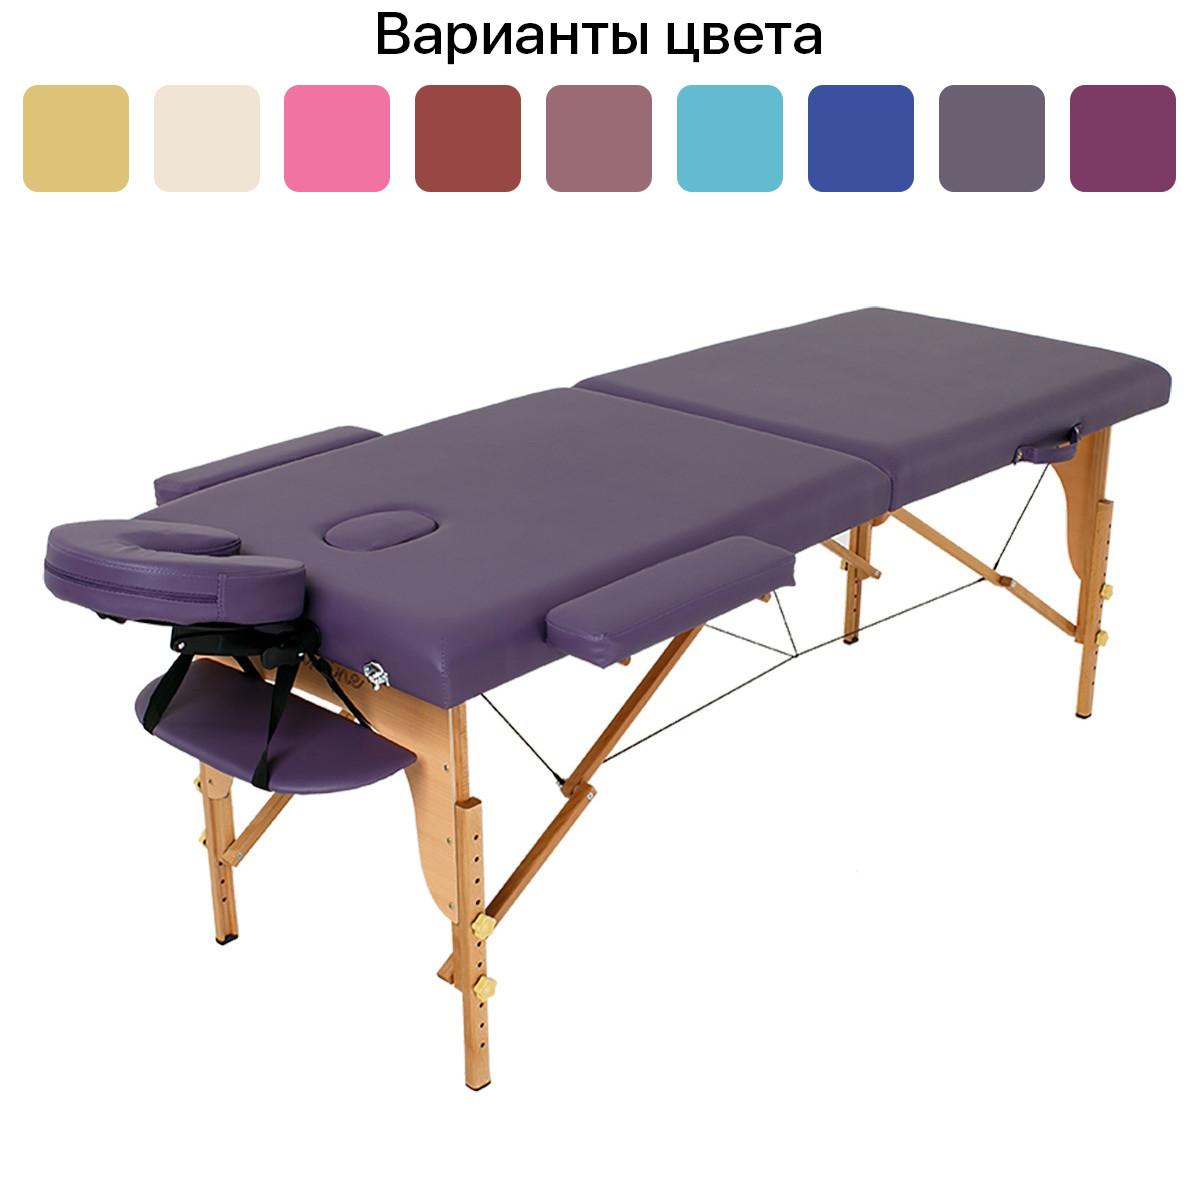 Массажный стол деревянный 2-х сегментный RelaxLine Lagune (дерев'яний масажний стіл двохсегментний) Фиолетовый